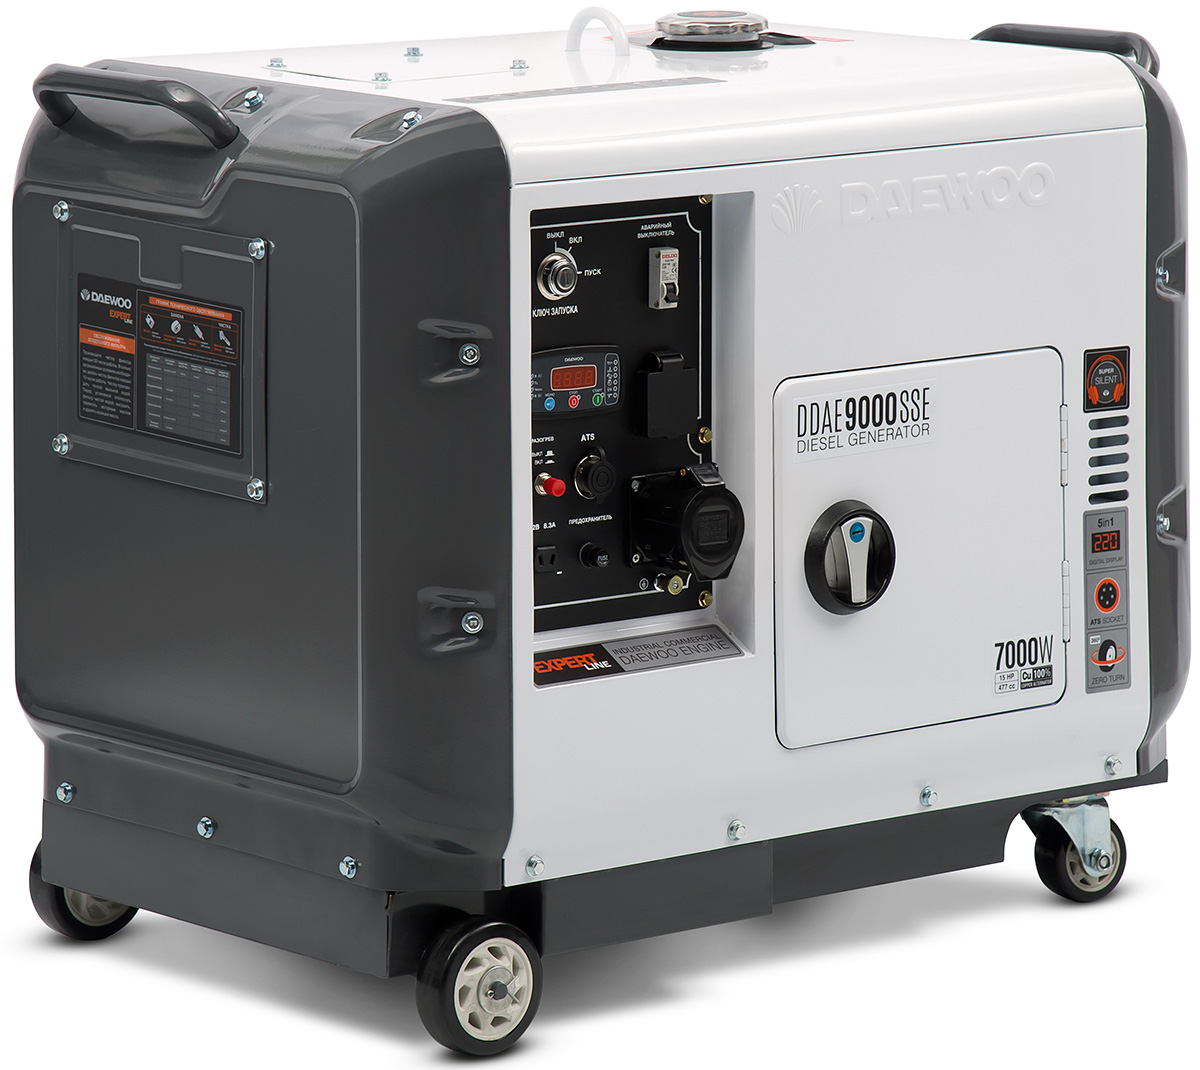 Электрогенератор Daewoo DDAE 9000SSEЭлектрогенераторы<br>Дизельный генератор Daewoo DDAE 9000SSE используется в случае аварийного отключения электроэнергии для питания электроприборов. Двигатель устройства запускается без особых усилий благодаря электростартеру и наличию аккумулятора. Альтернатор агрегата выполнен из меди и выдает стабильный качественный ток, что позволяет подключать инверторные сварочные аппараты. В конструкции модели предусматриваются ручки для удобного перемещения. Розетка на 32 А дает возможность питать силовое оборудование высокой мощности.<br><br>- Профессиональный дизельный двигатель...<br><br>Тип электростанции: дизельная<br>Тип запуска: электрический<br>Число фаз: 1 (220 вольт)<br>Объем двигателя: 480 куб.см<br>Мощность двигателя: 15 л.с.<br>Тип охлаждения: воздушное<br>Объем бака: 15 л<br>Активная мощность, Вт: 6400<br>Звукоизоляционный кожух: есть<br>Защита от перегрузок: есть